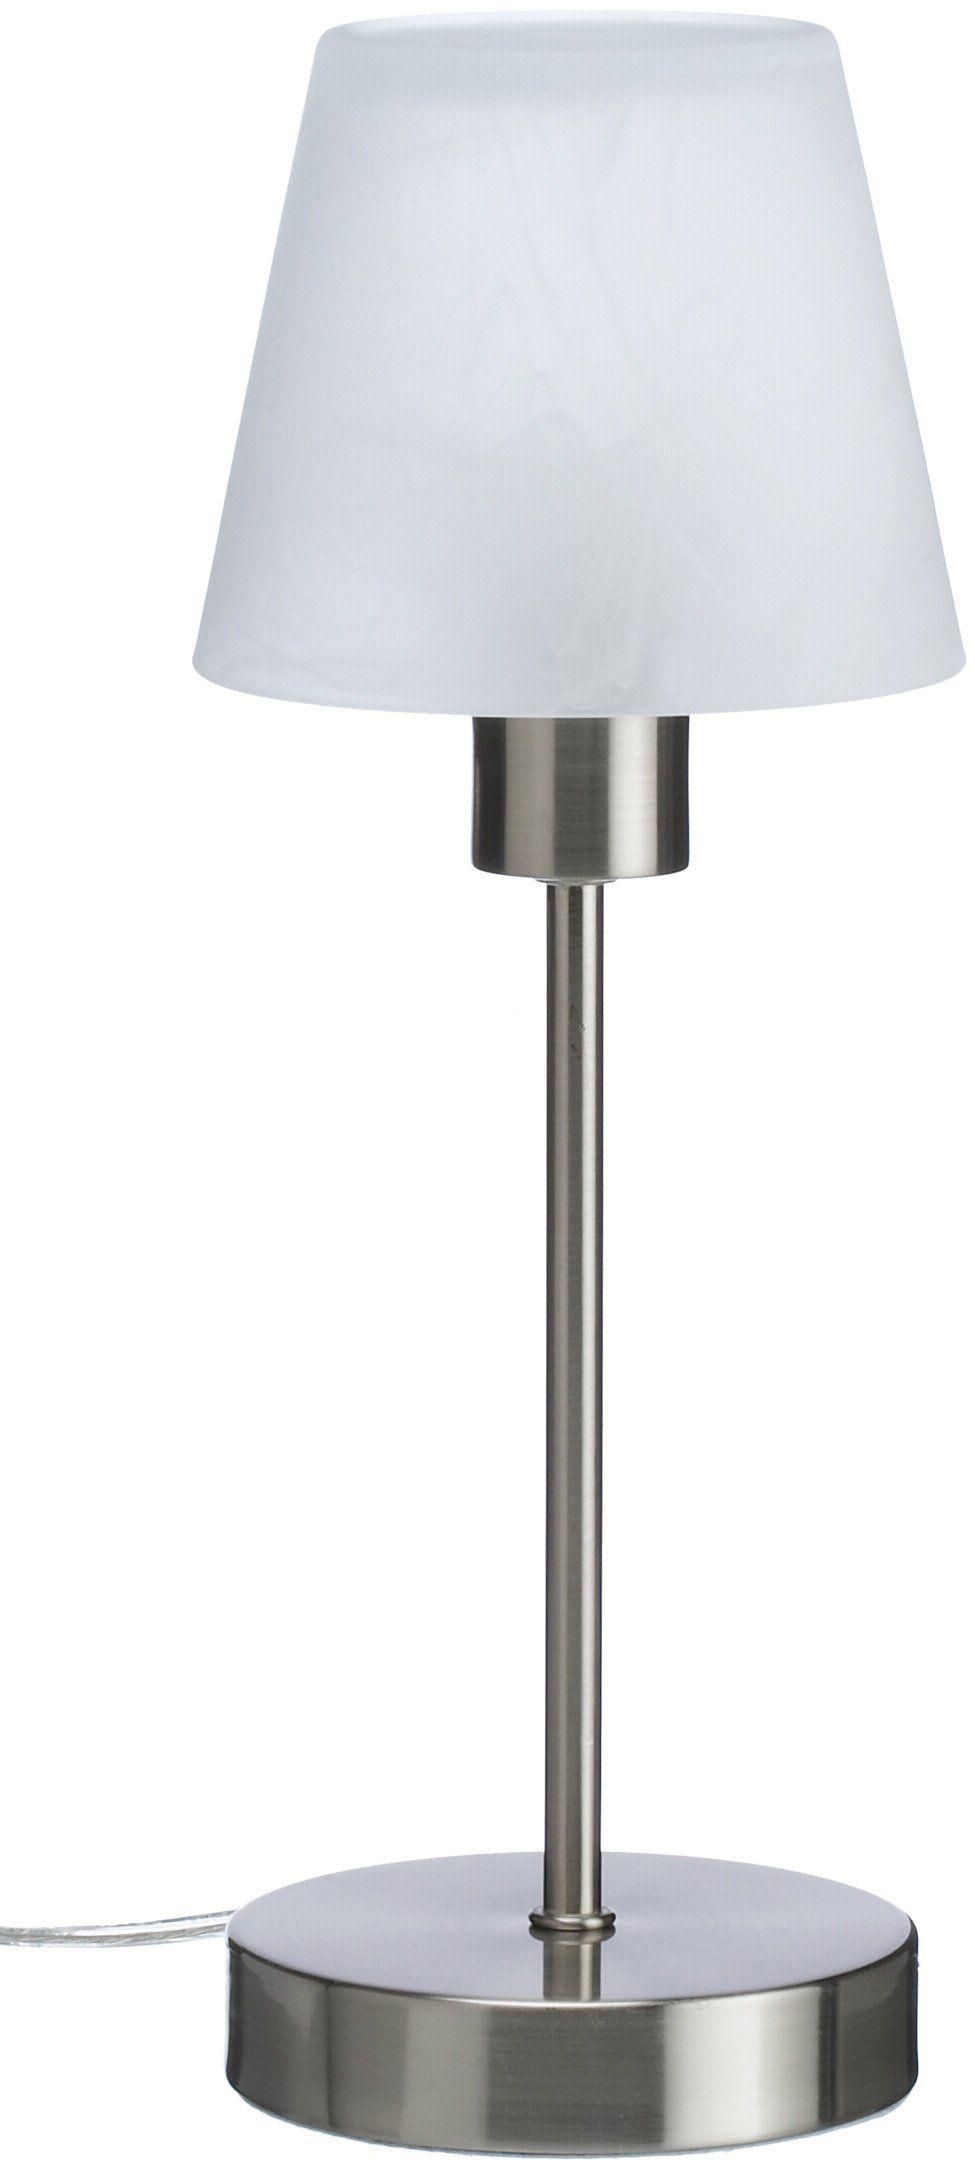 Trio Leuchten Lampa stołowa Luis nikiel matowa, metal, szkło, ściemniacz dotykowy 595500106